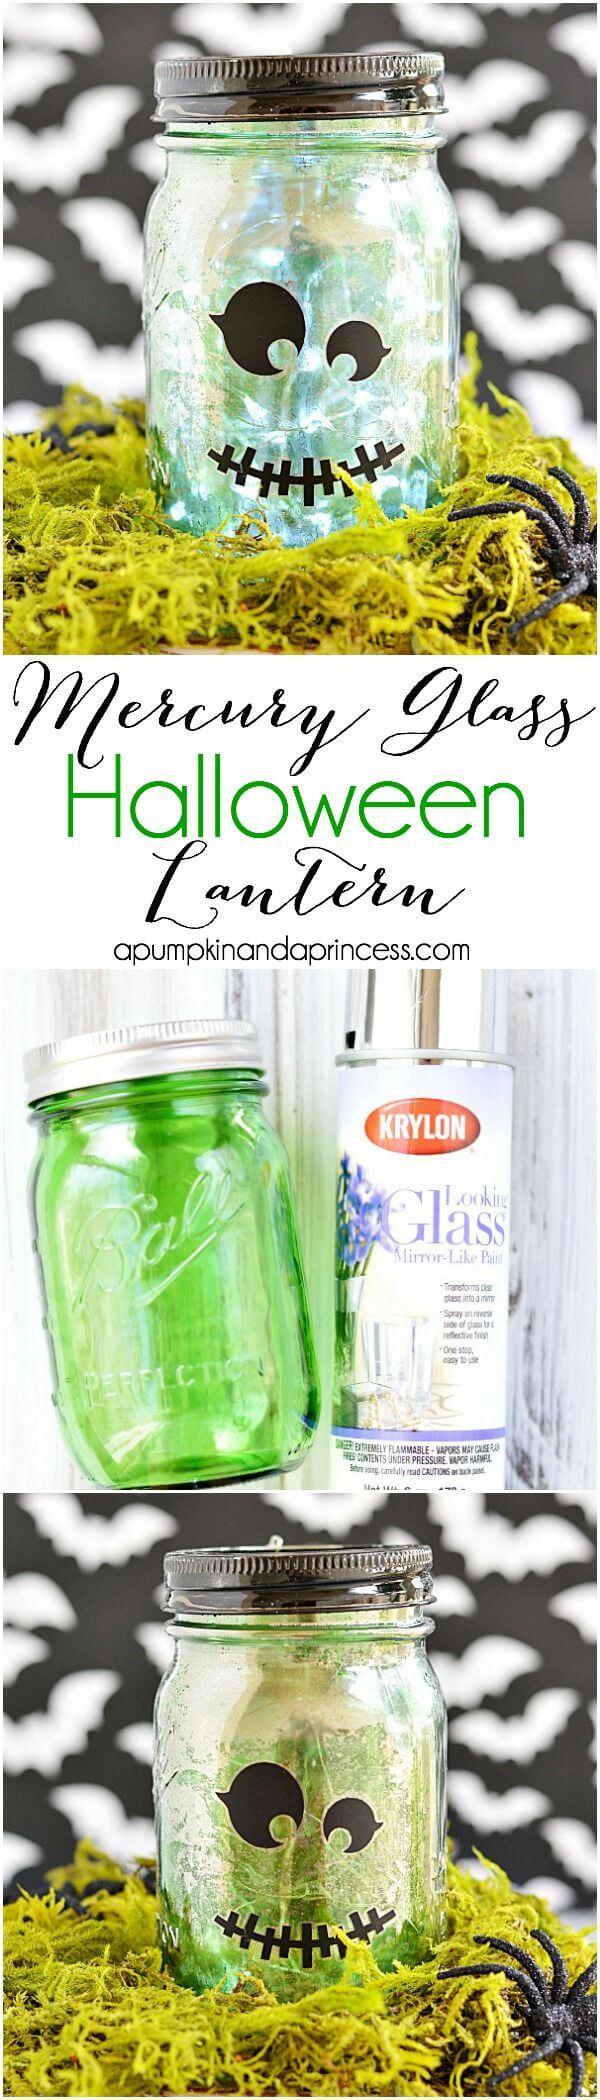 Mercury Glass Frankenstein Lantern